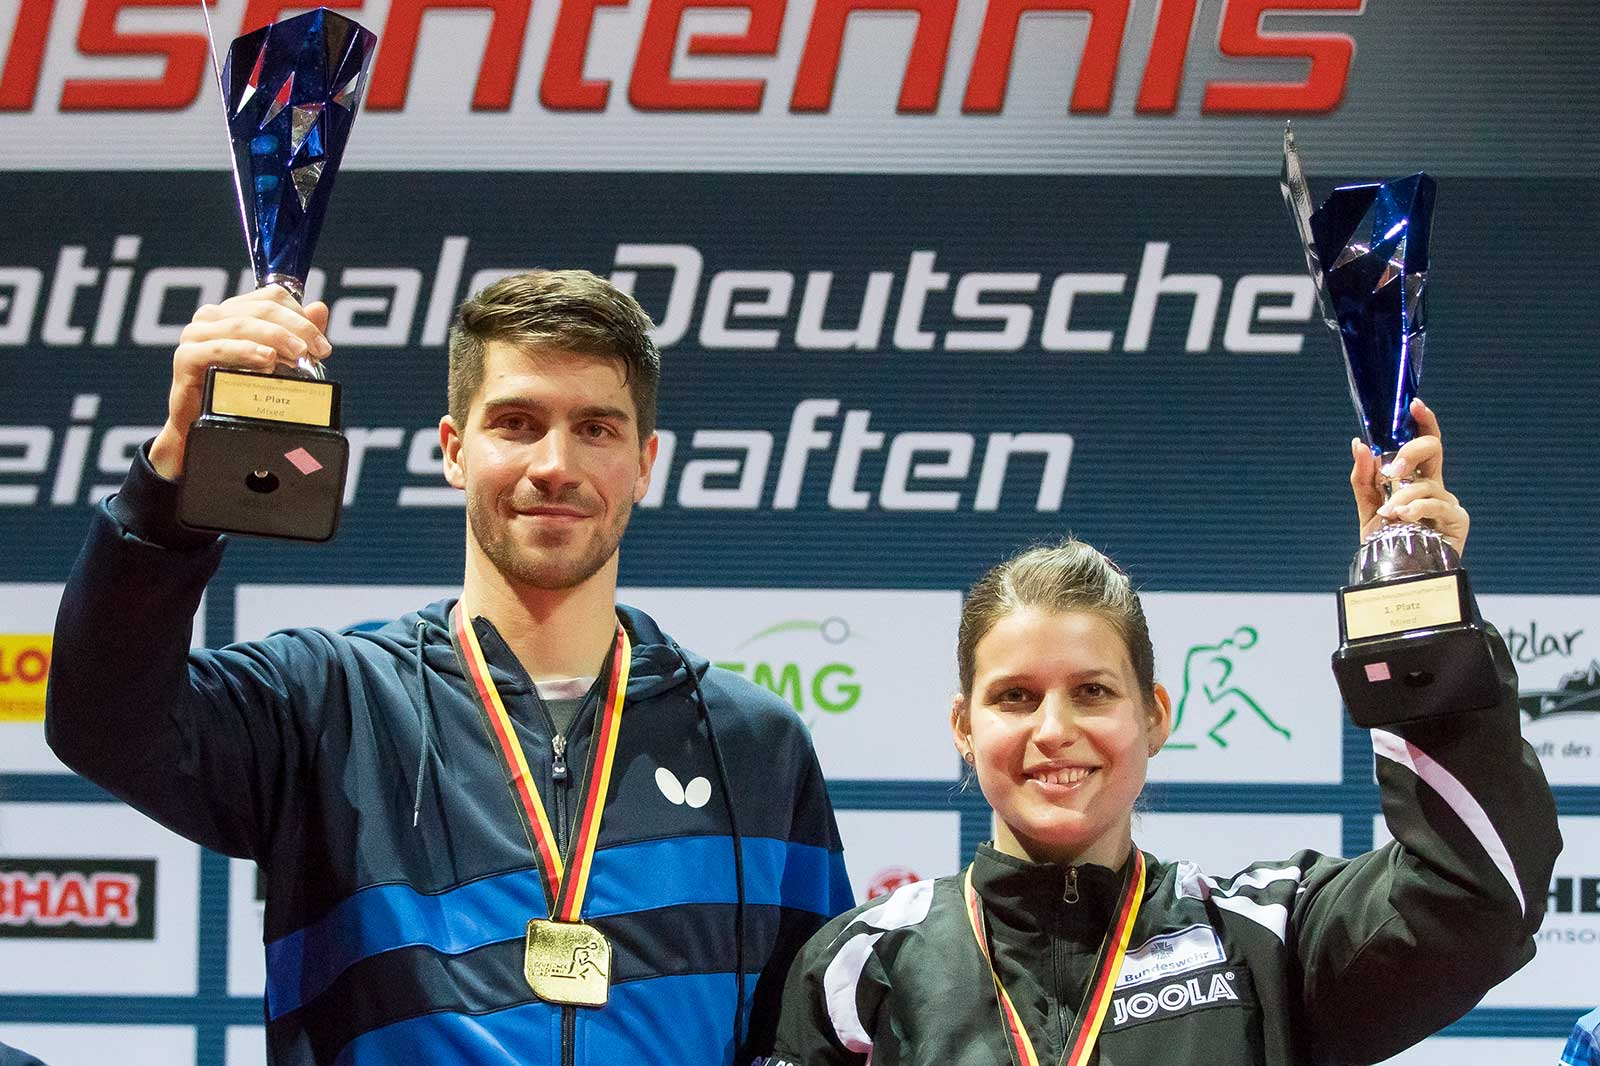 Deutscher Meister Mixed DM 2019 in Wetzlar (Foto: Marco Steinbrenner)